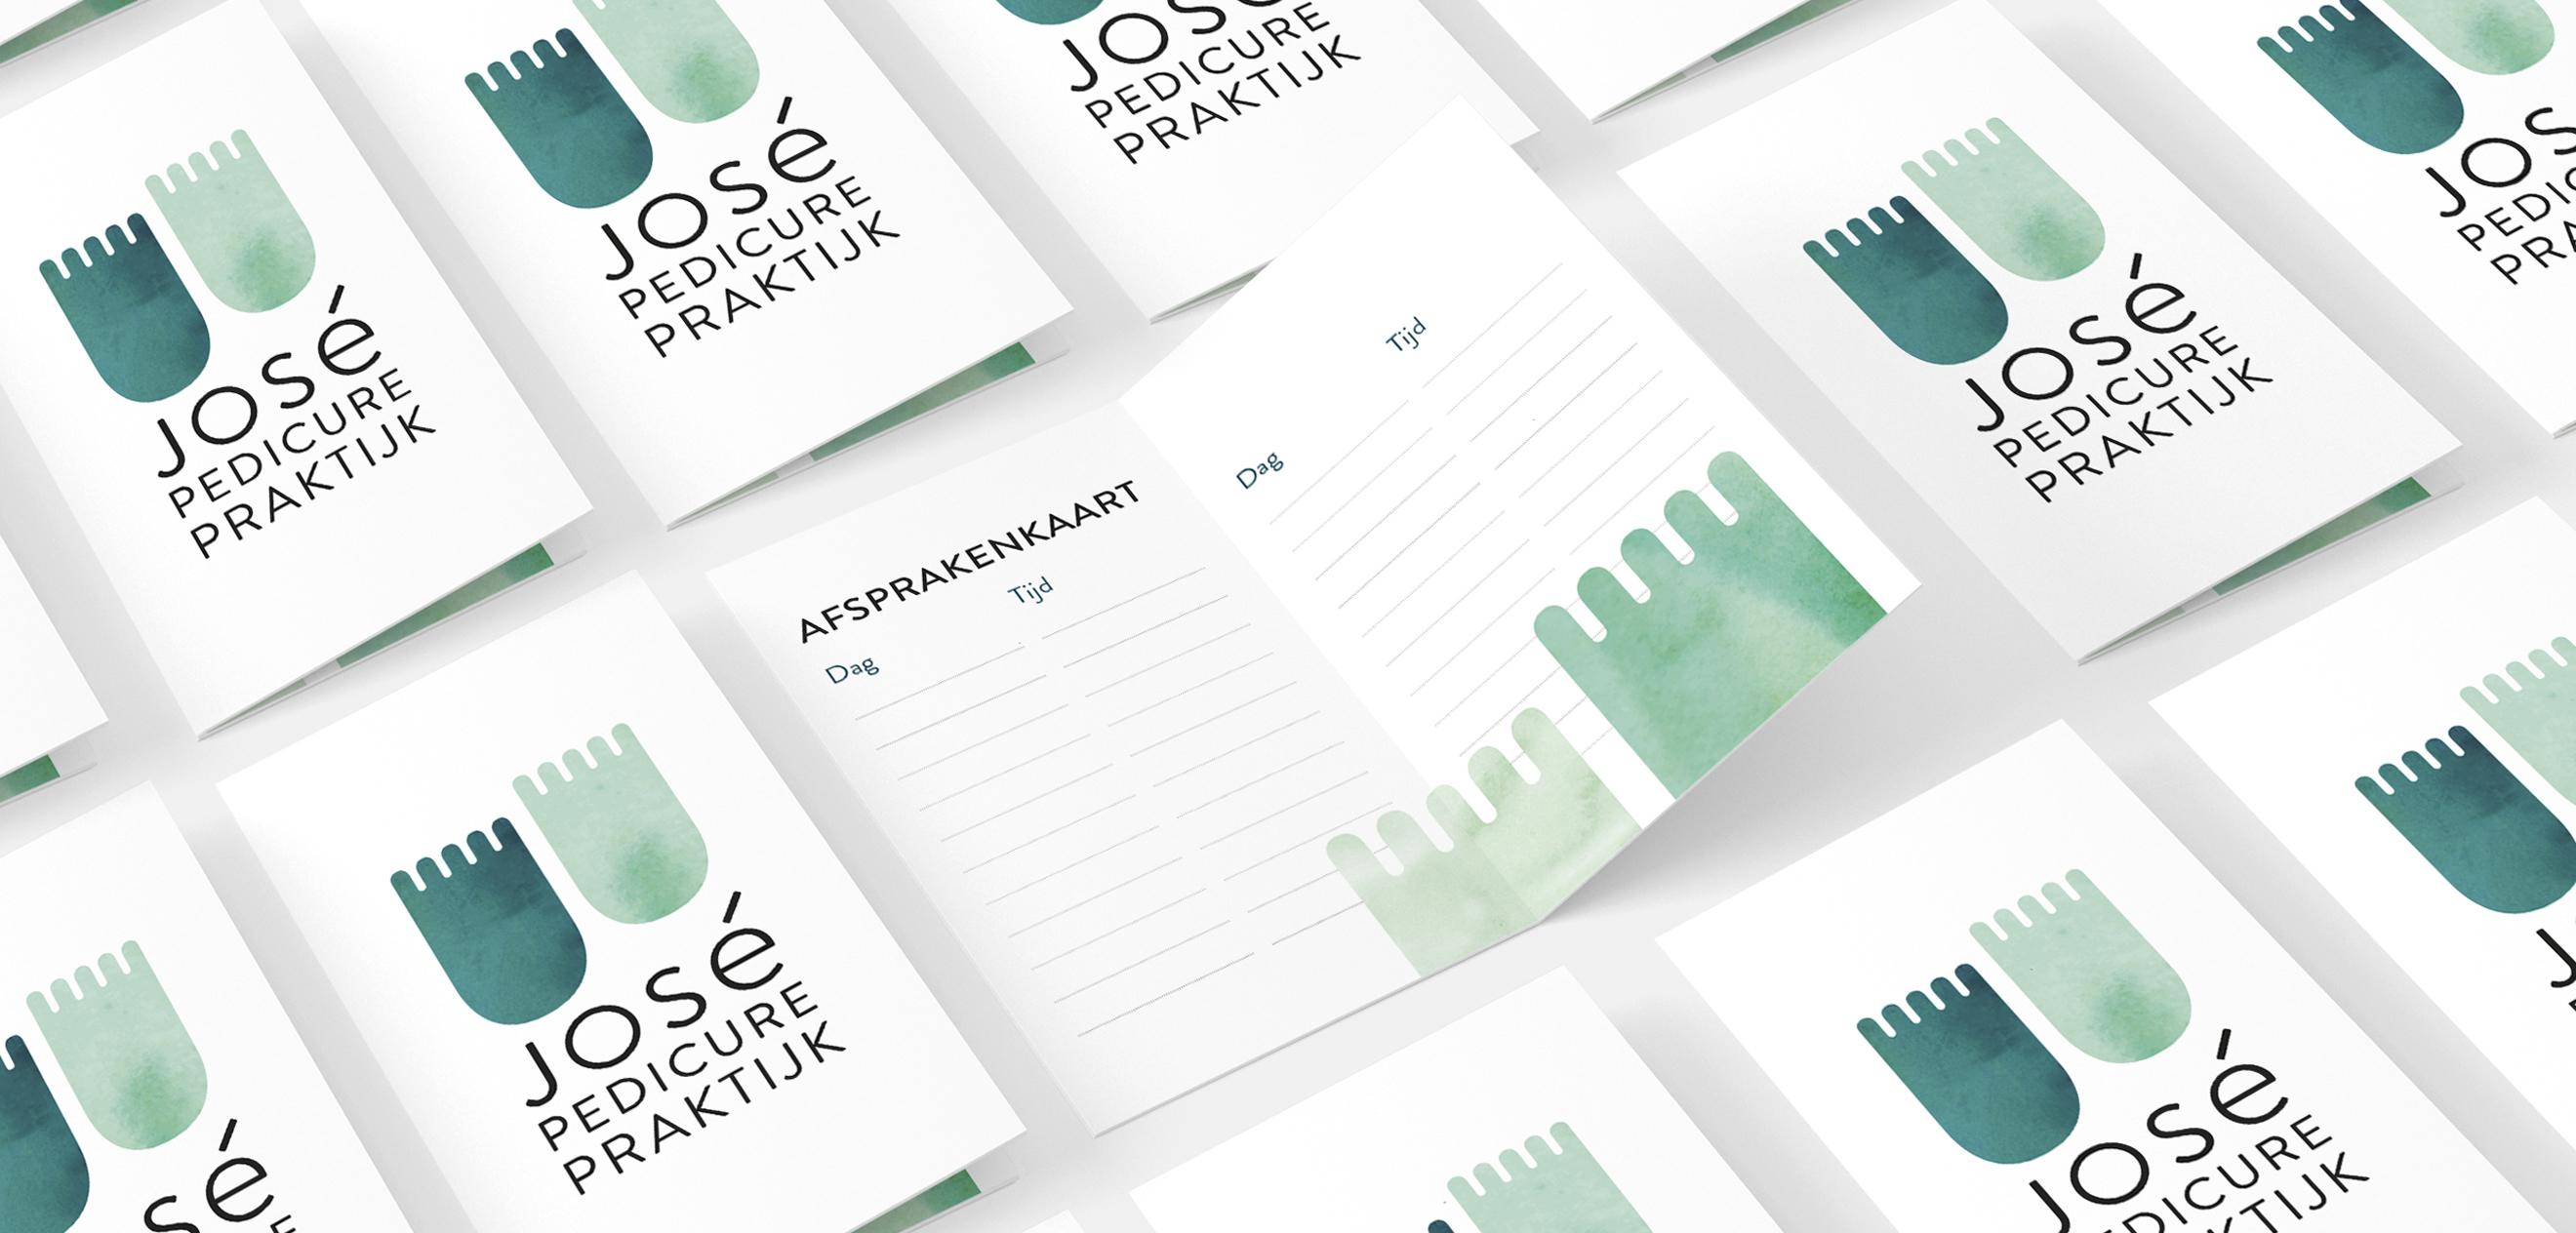 Jose Pedicure Praktijk, Studio Enkelvoud, visitekaartjes, afsprakenkaartjes, business cards, folded, feet, voetjes, logo, pedicure, identity, green, aquarel, groen, voeten, huisstijl, logo, grafisch ontwerp